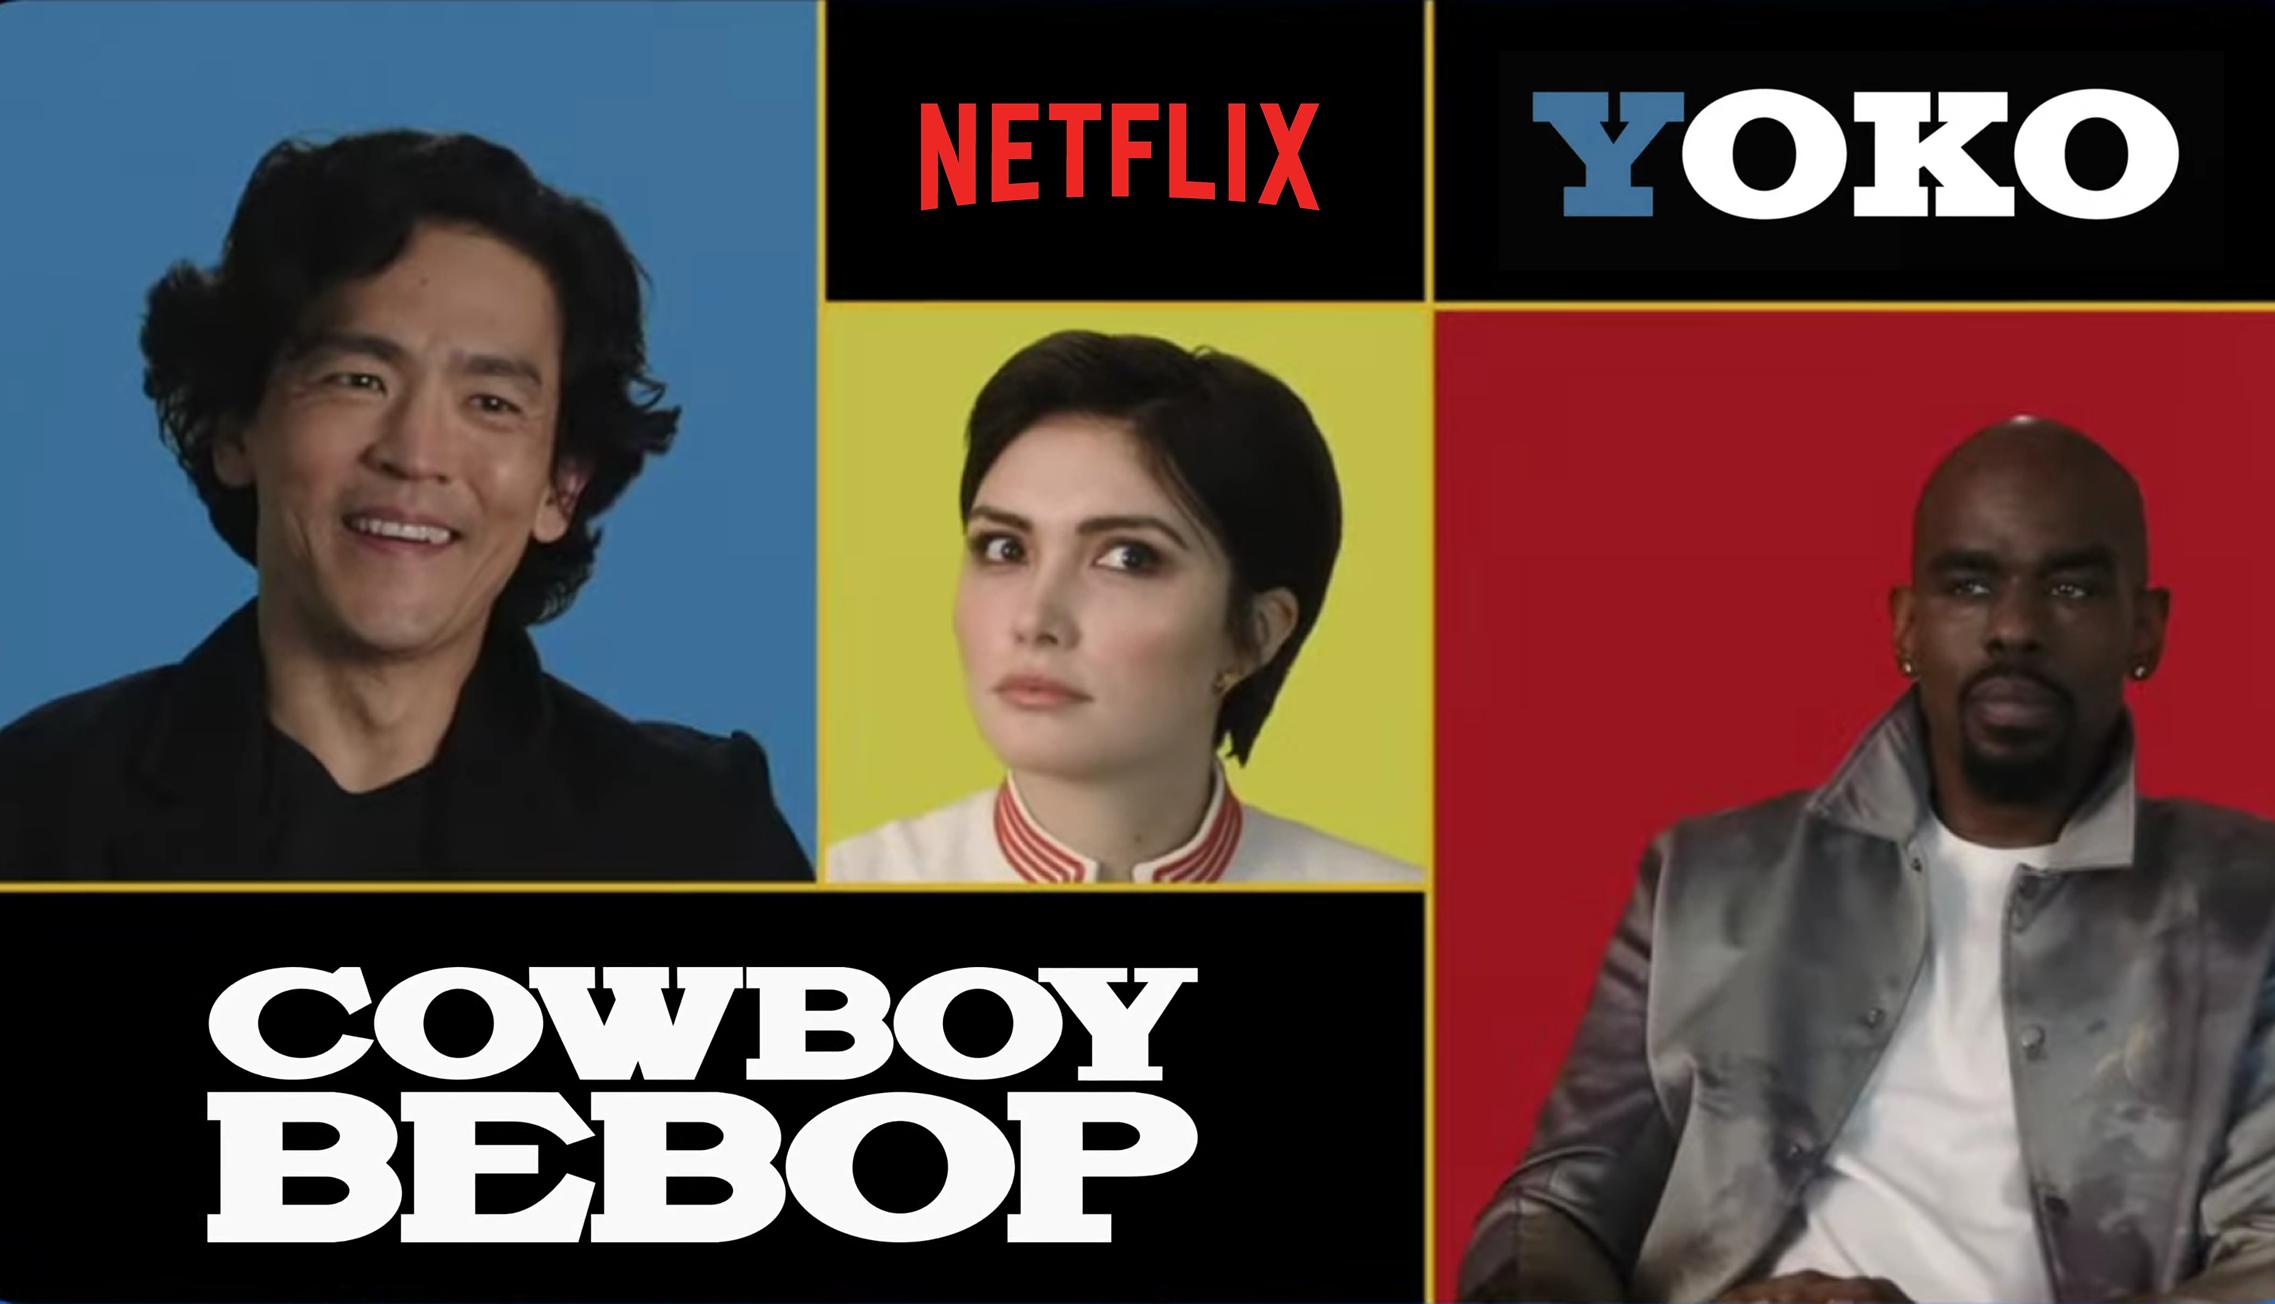 Cowboy Bebop 2021 Netflix